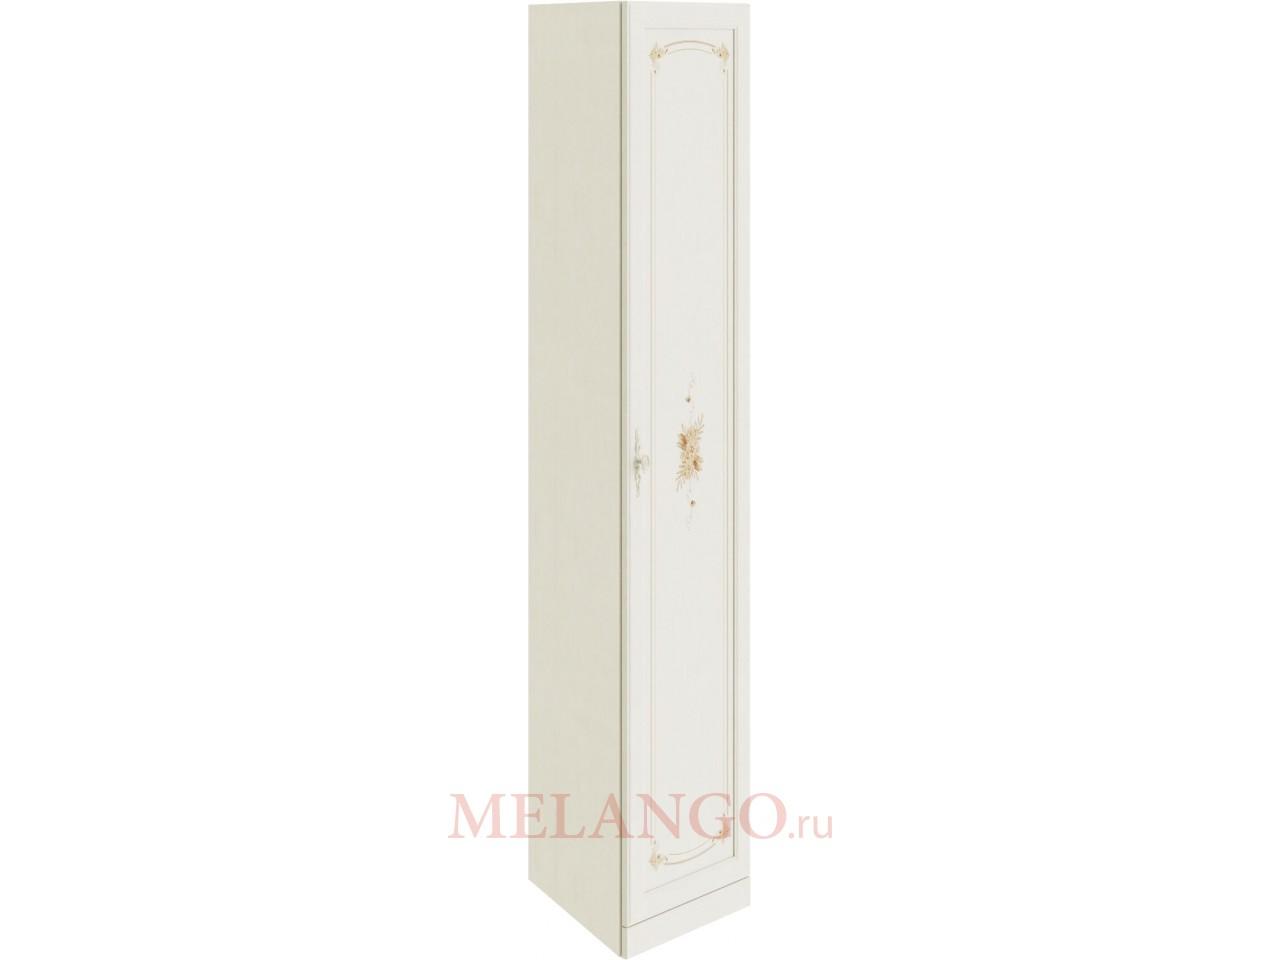 Шкаф торцевой с 1-ой дверью «Лючия» (Штрихлак) СМ-235.07.08